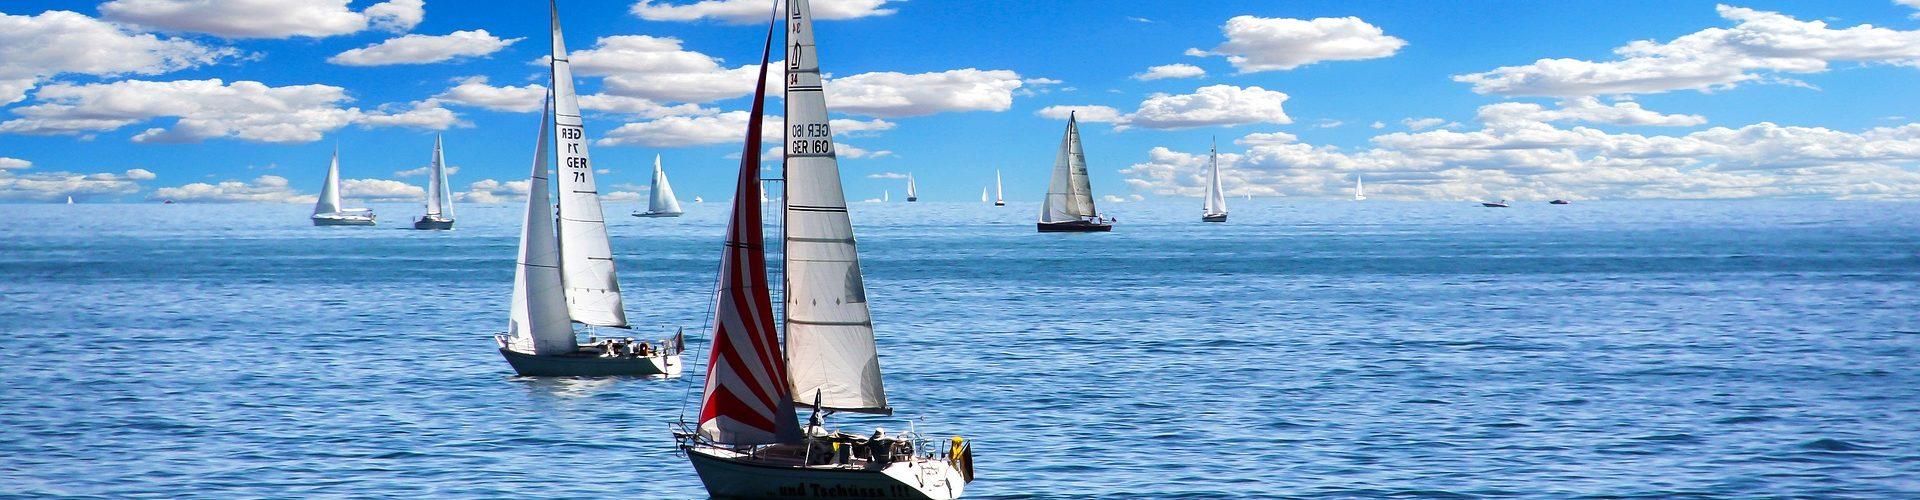 segeln lernen in Sittensen segelschein machen in Sittensen 1920x500 - Segeln lernen in Sittensen